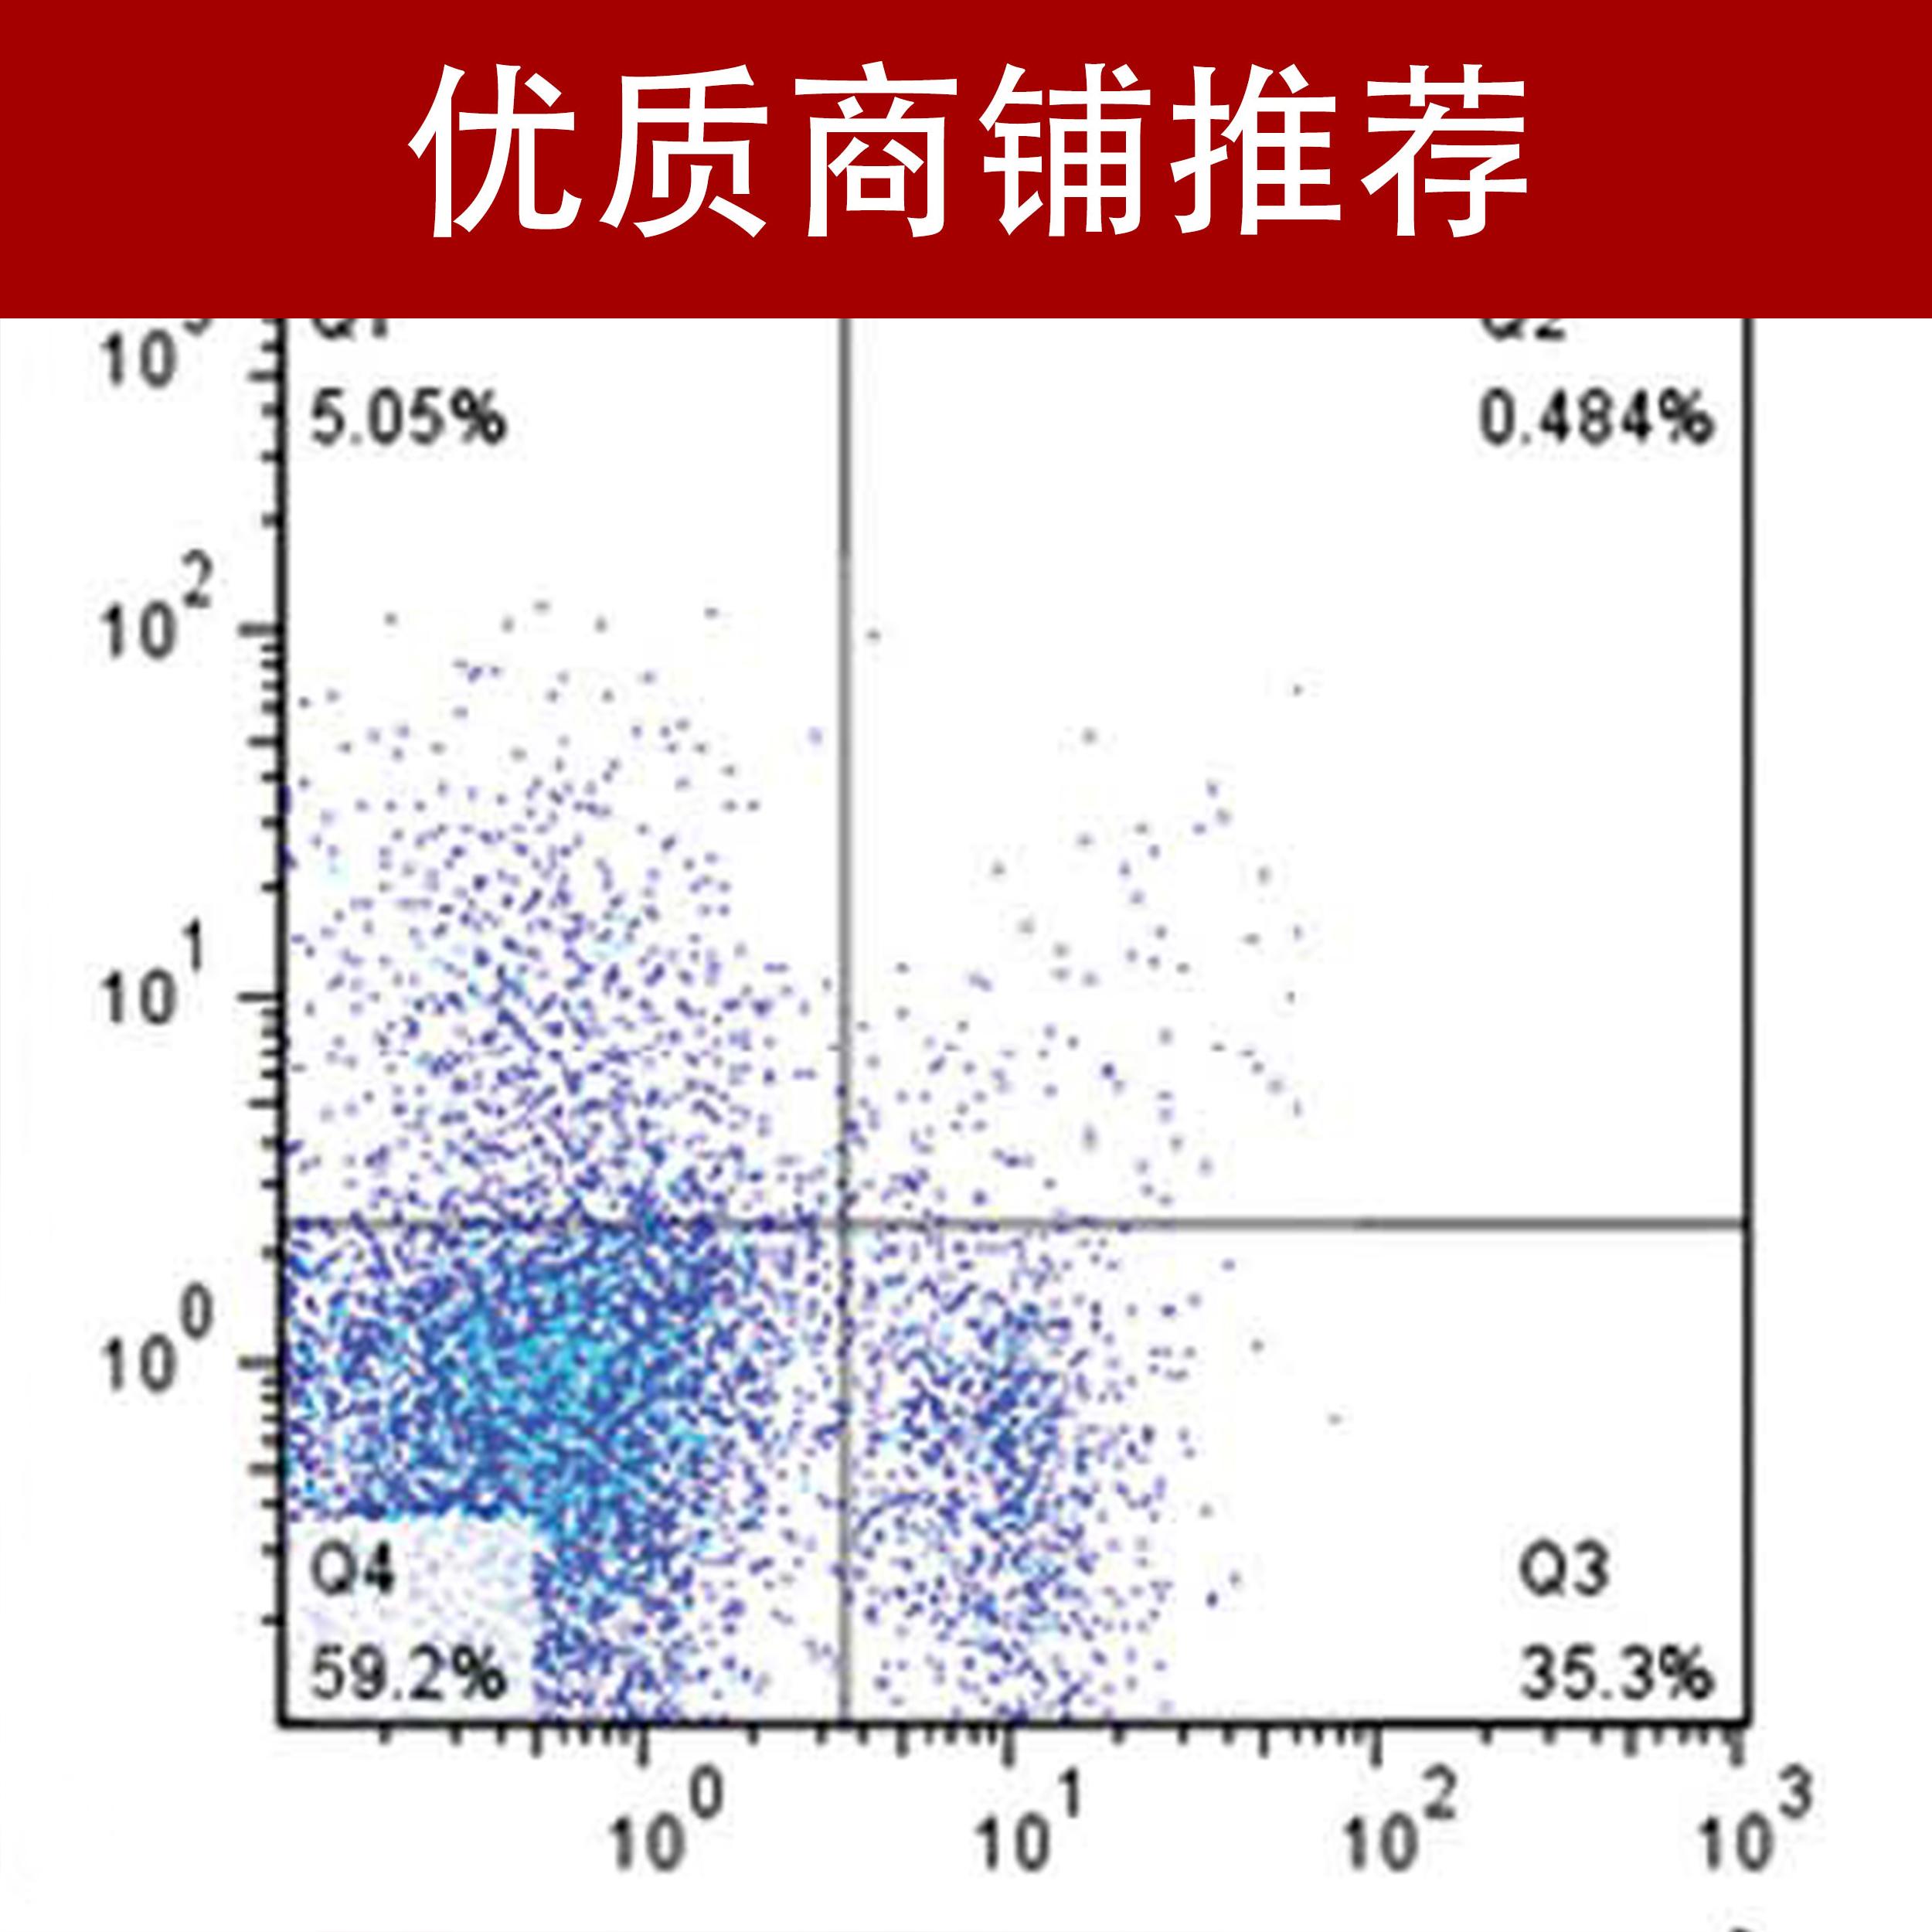 流式细胞周期检测(全国十佳技术服务企业)